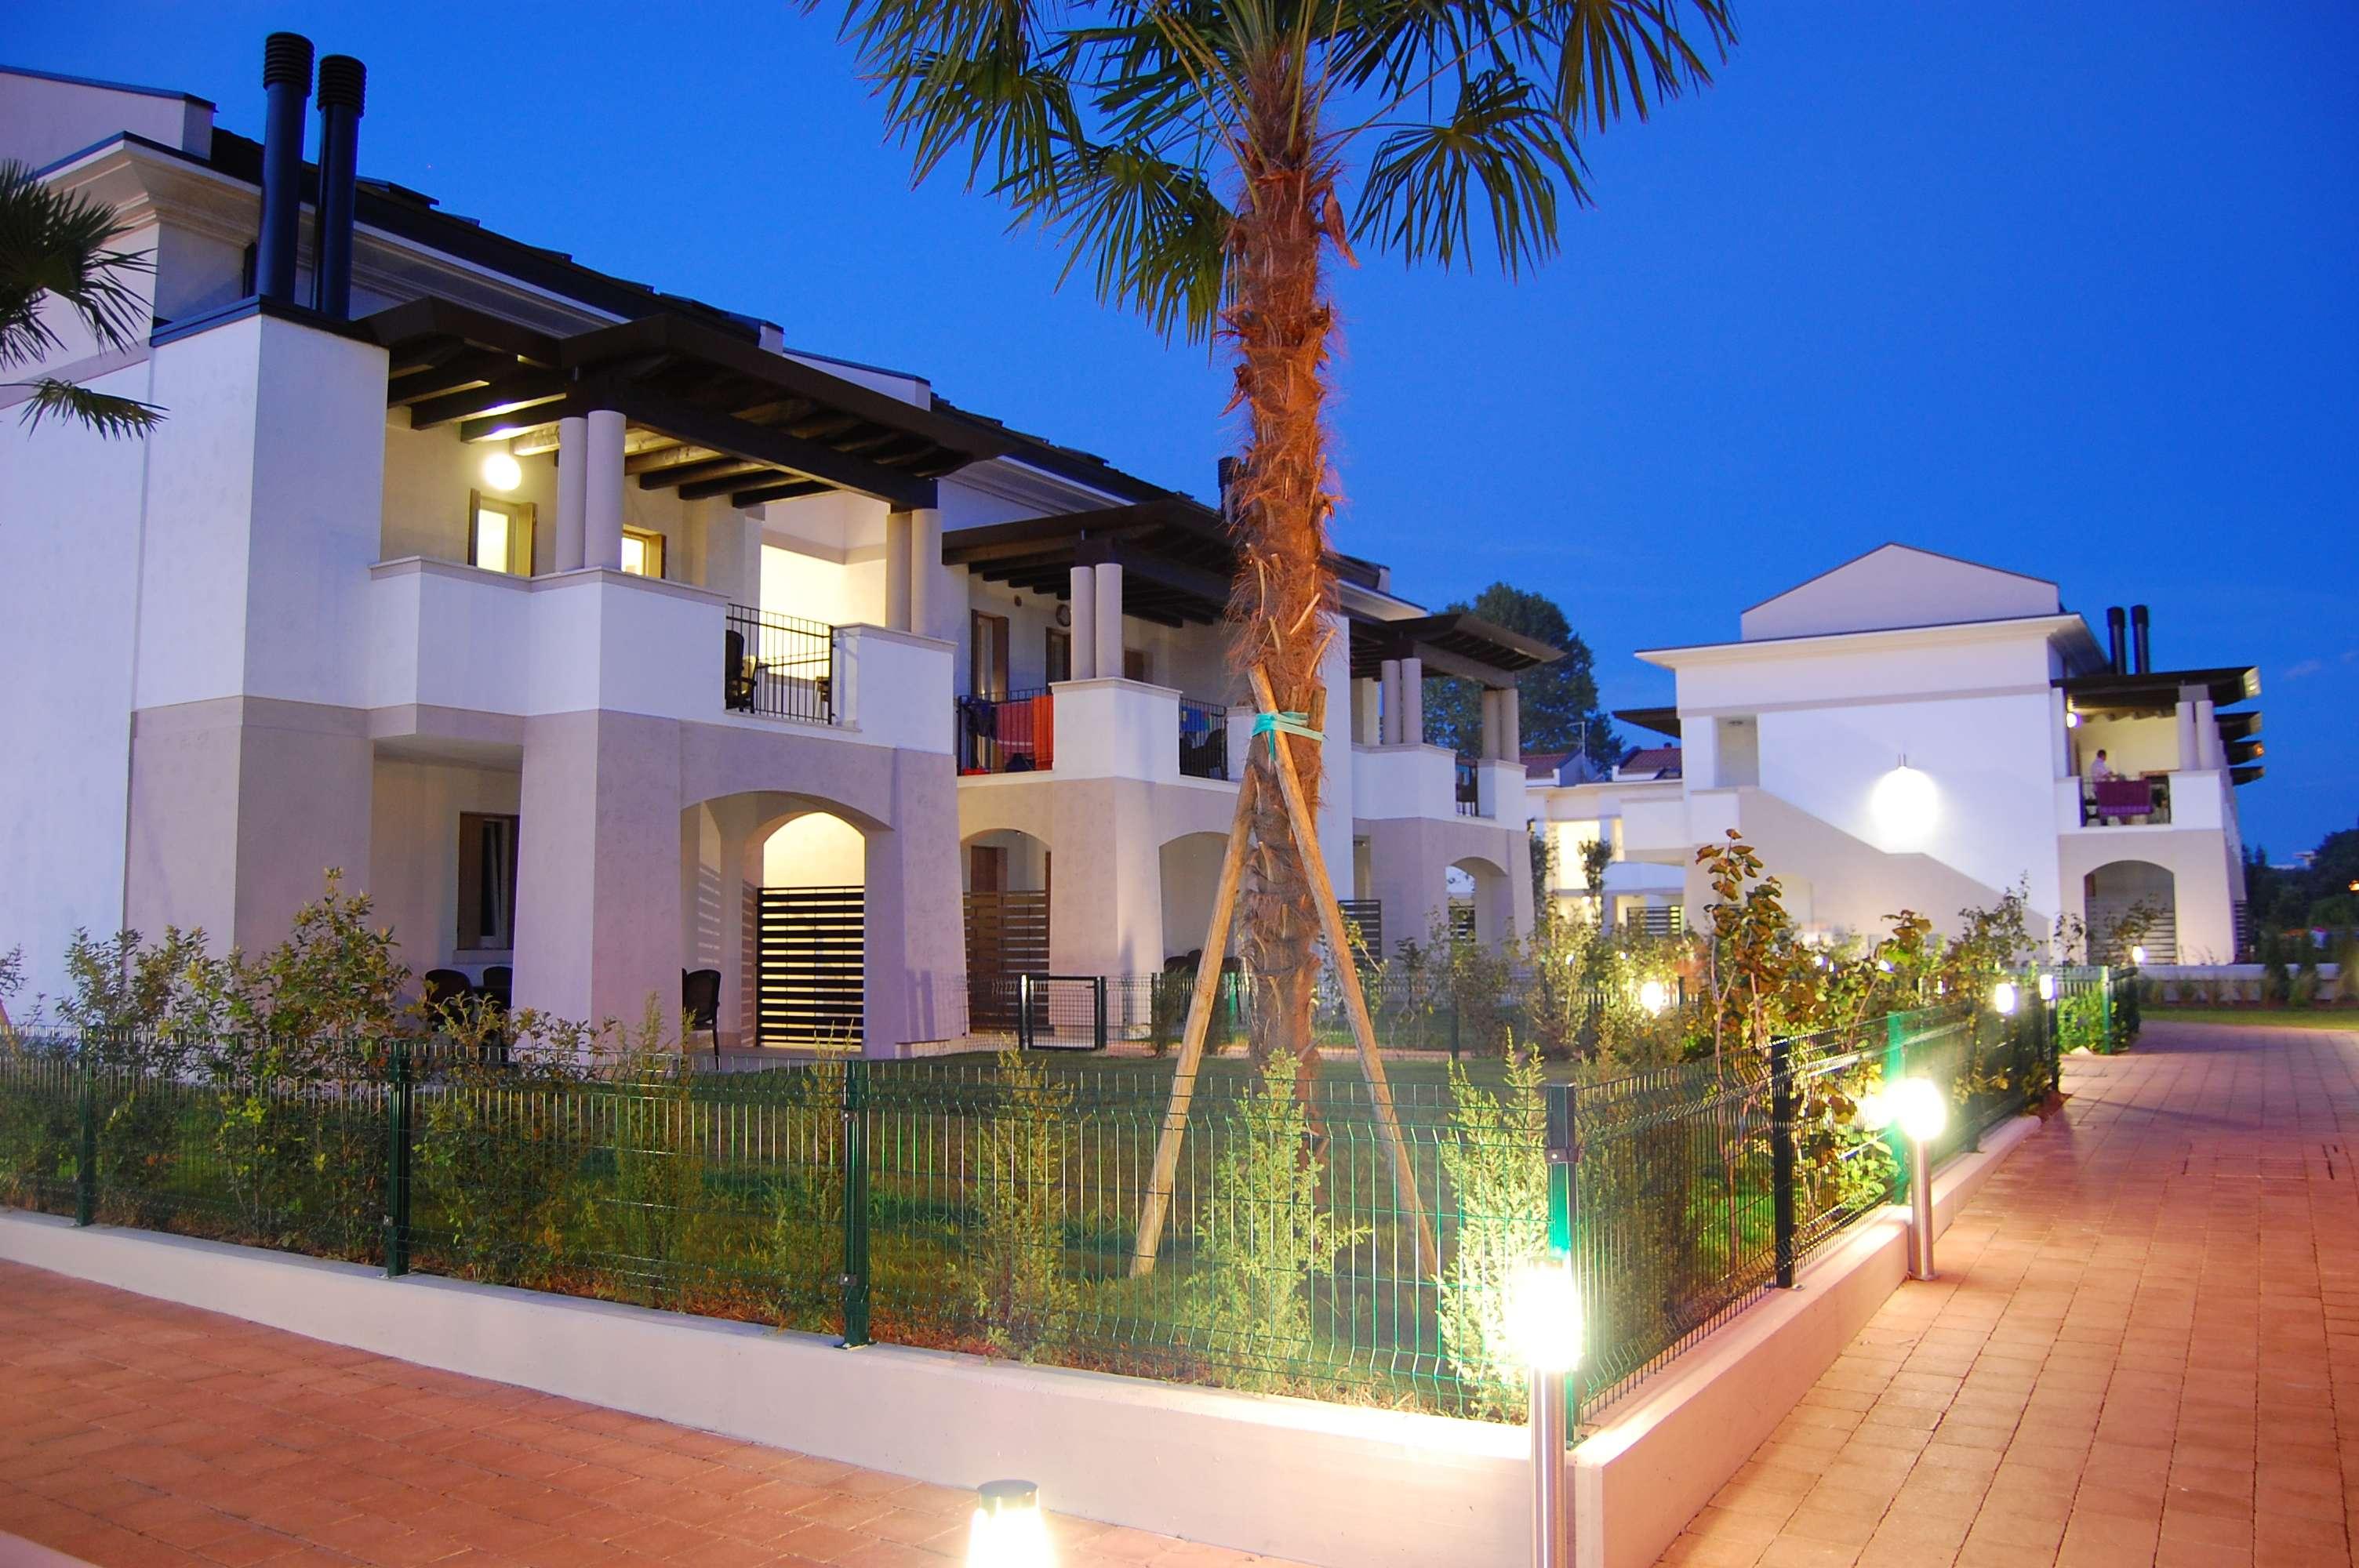 Agenzia mc bibione affitto e vendita appartamenti e case for Appartamenti arredati in affitto a portogruaro